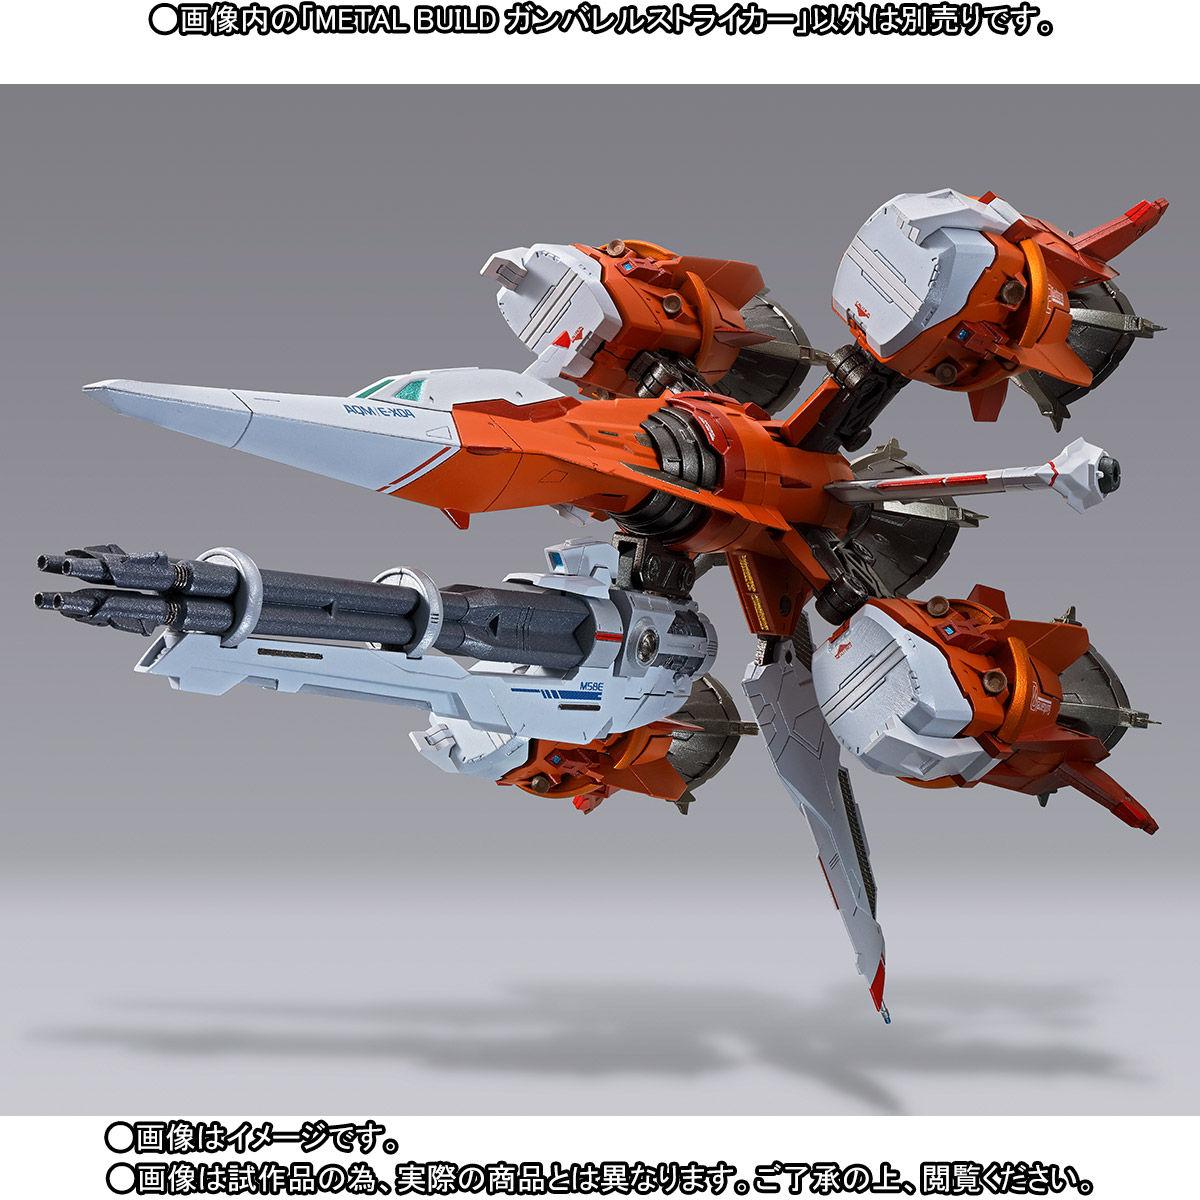 METAL BUILD『ガンバレルストライカー 機動戦士ガンダムSEED MSV』可動フィギュア-007